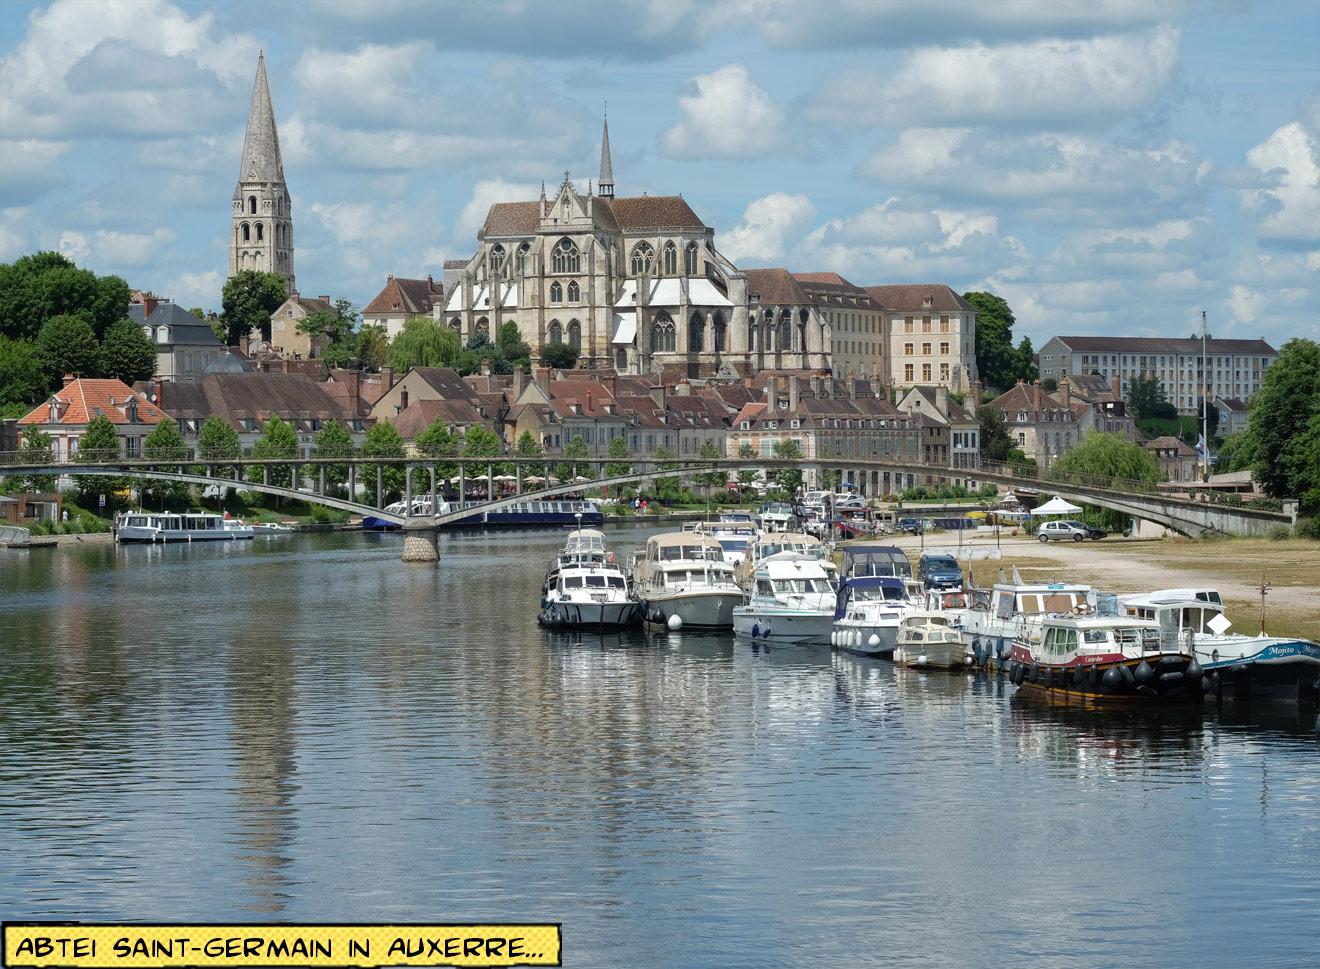 Abtei Saint-Germain in Auxerre